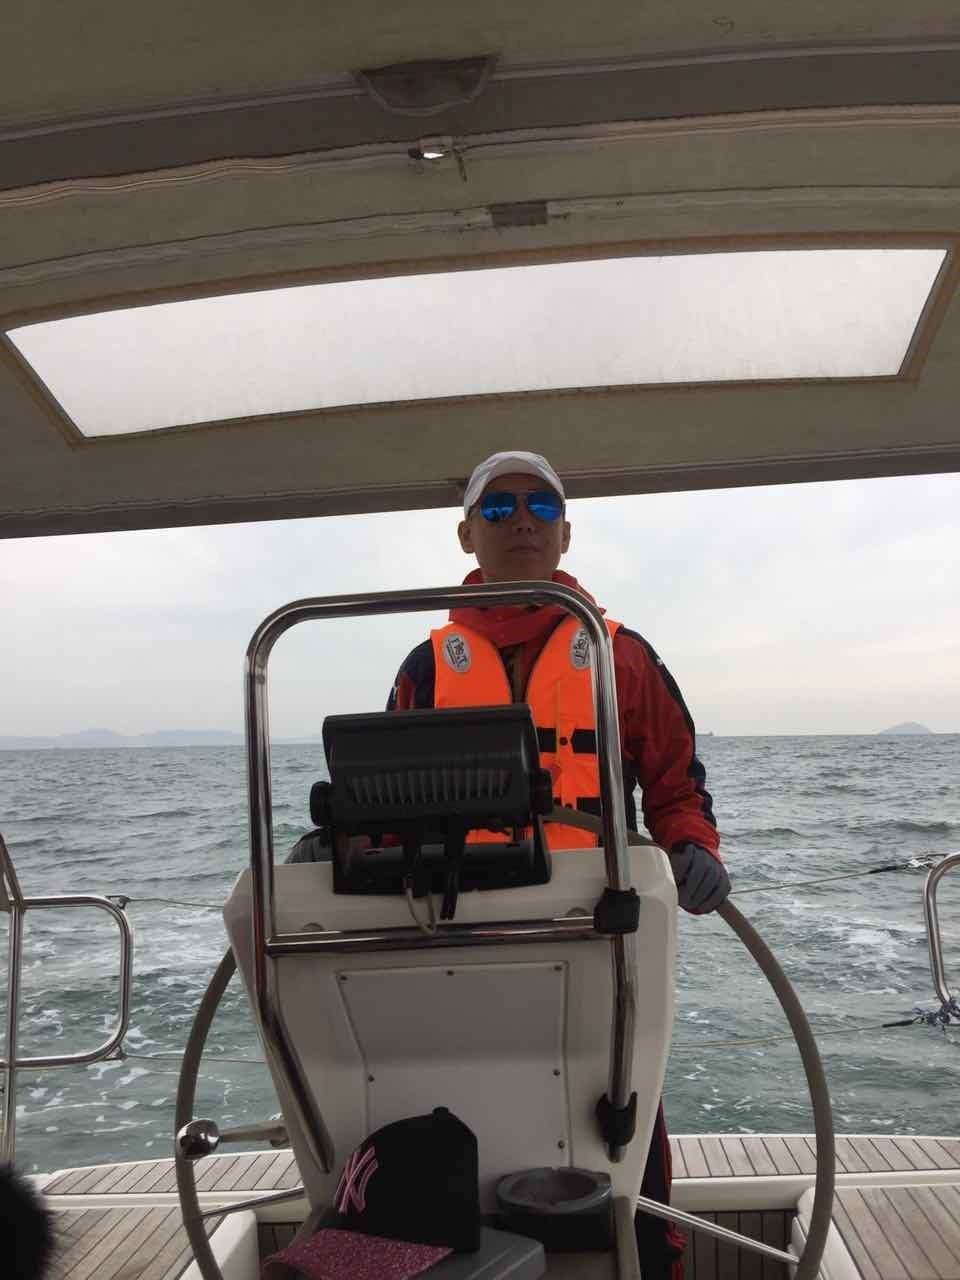 【赛队信息】天偶帆船队参加2016中国西昌邛海国际帆船赛 b0651546ab523614208715da16d3366e.jpg